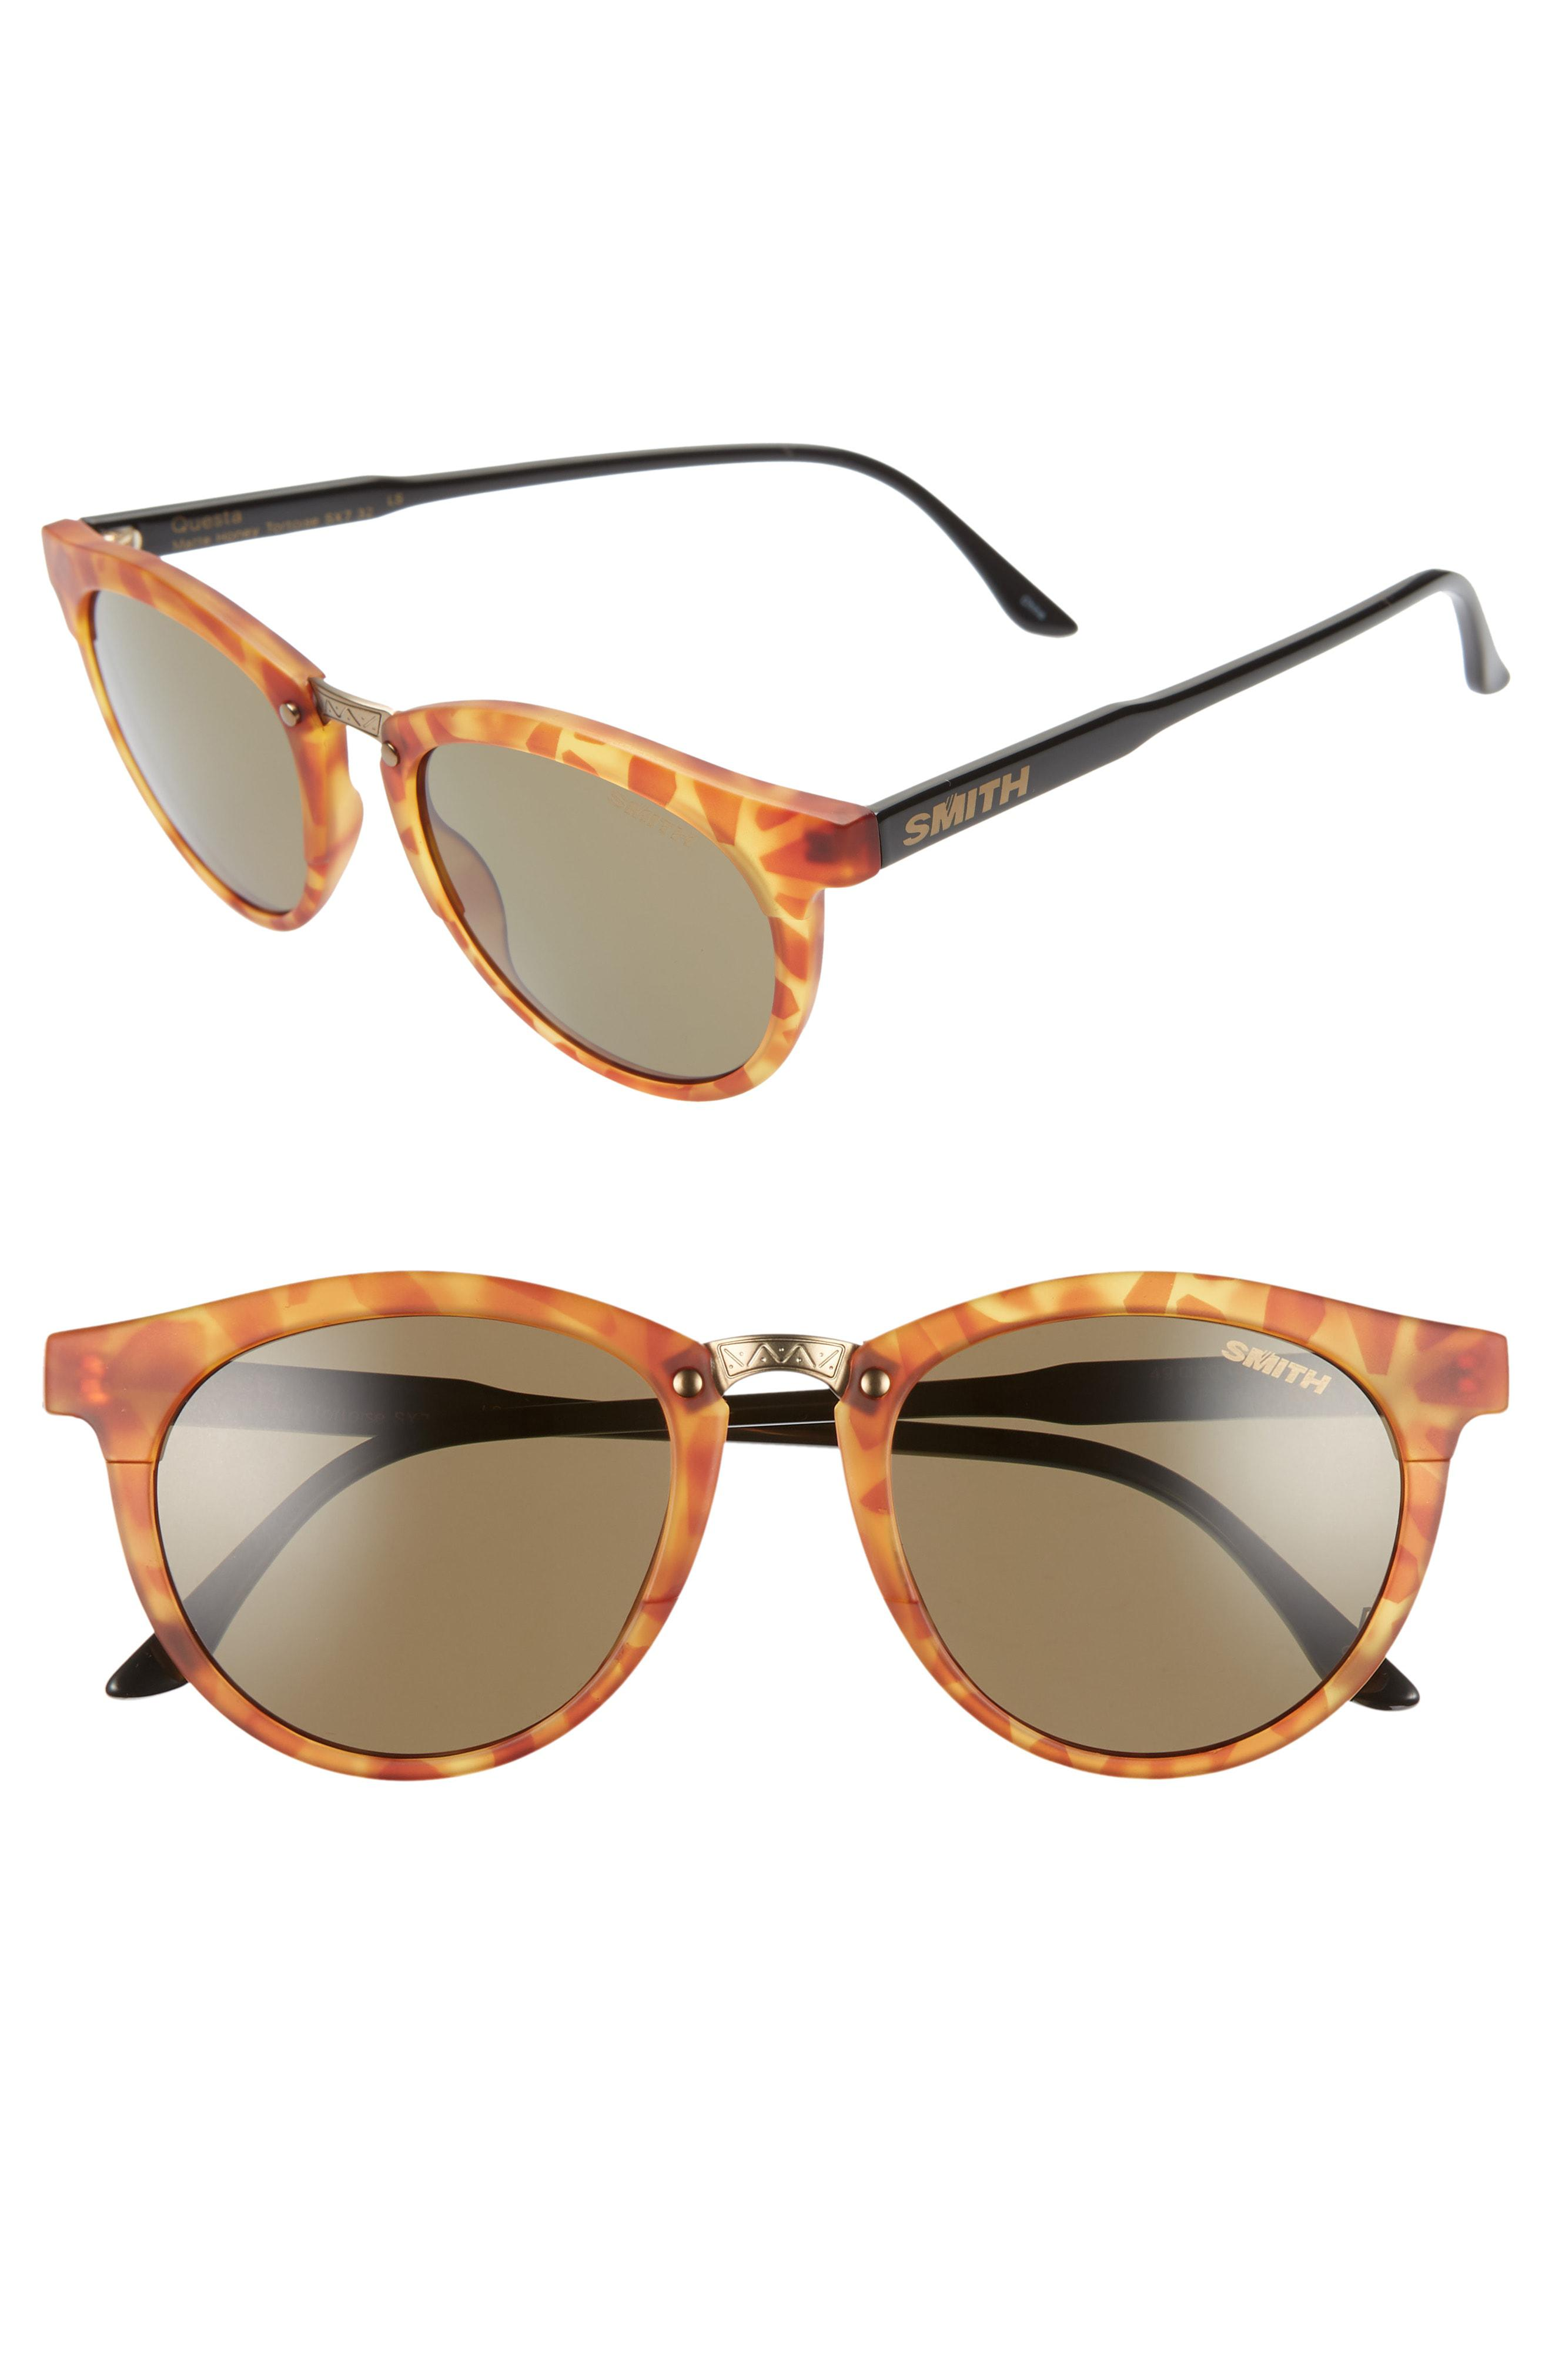 a4e197ce8ec3a Lyst - Smith Questa 49mm Chromapop Polarized Sunglasses - in Brown